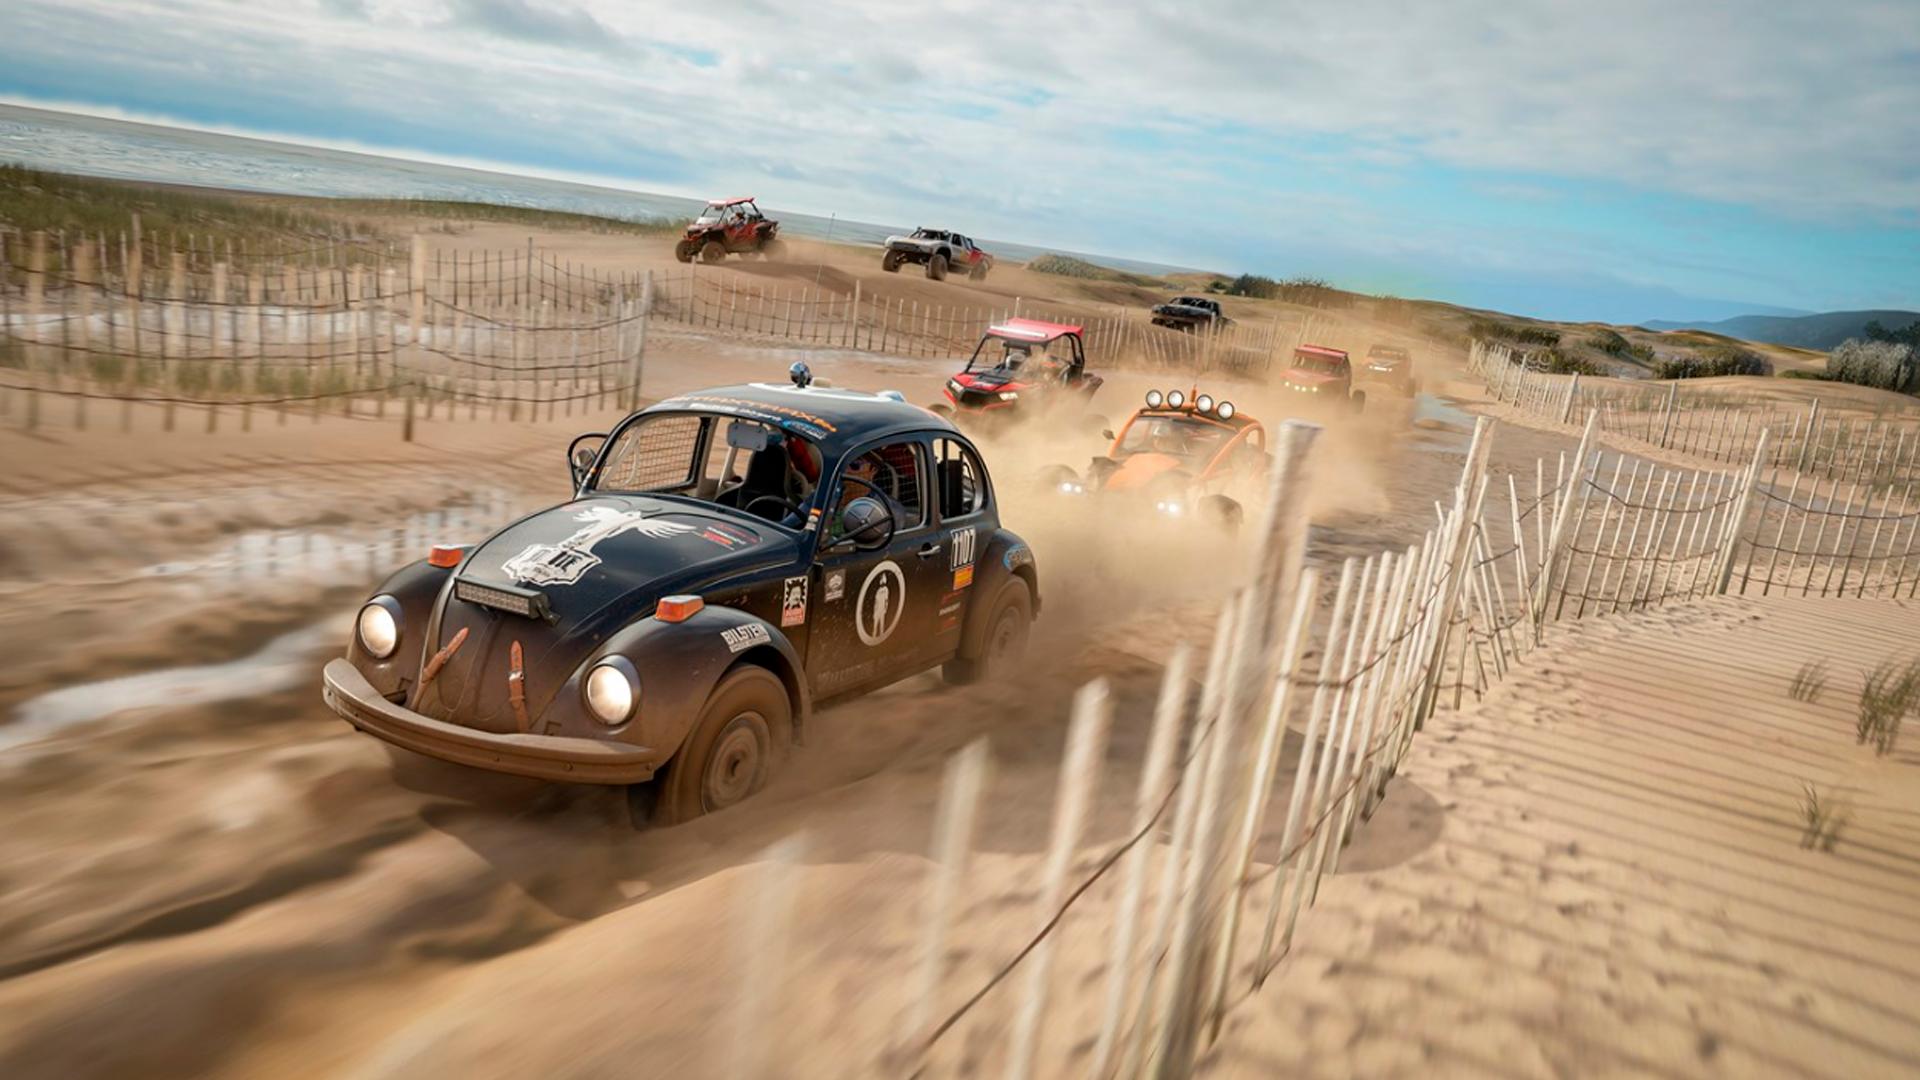 Confira Forza Horizon 4 e seus requisitos recomendados (Foto: Divulgação/Microsoft)